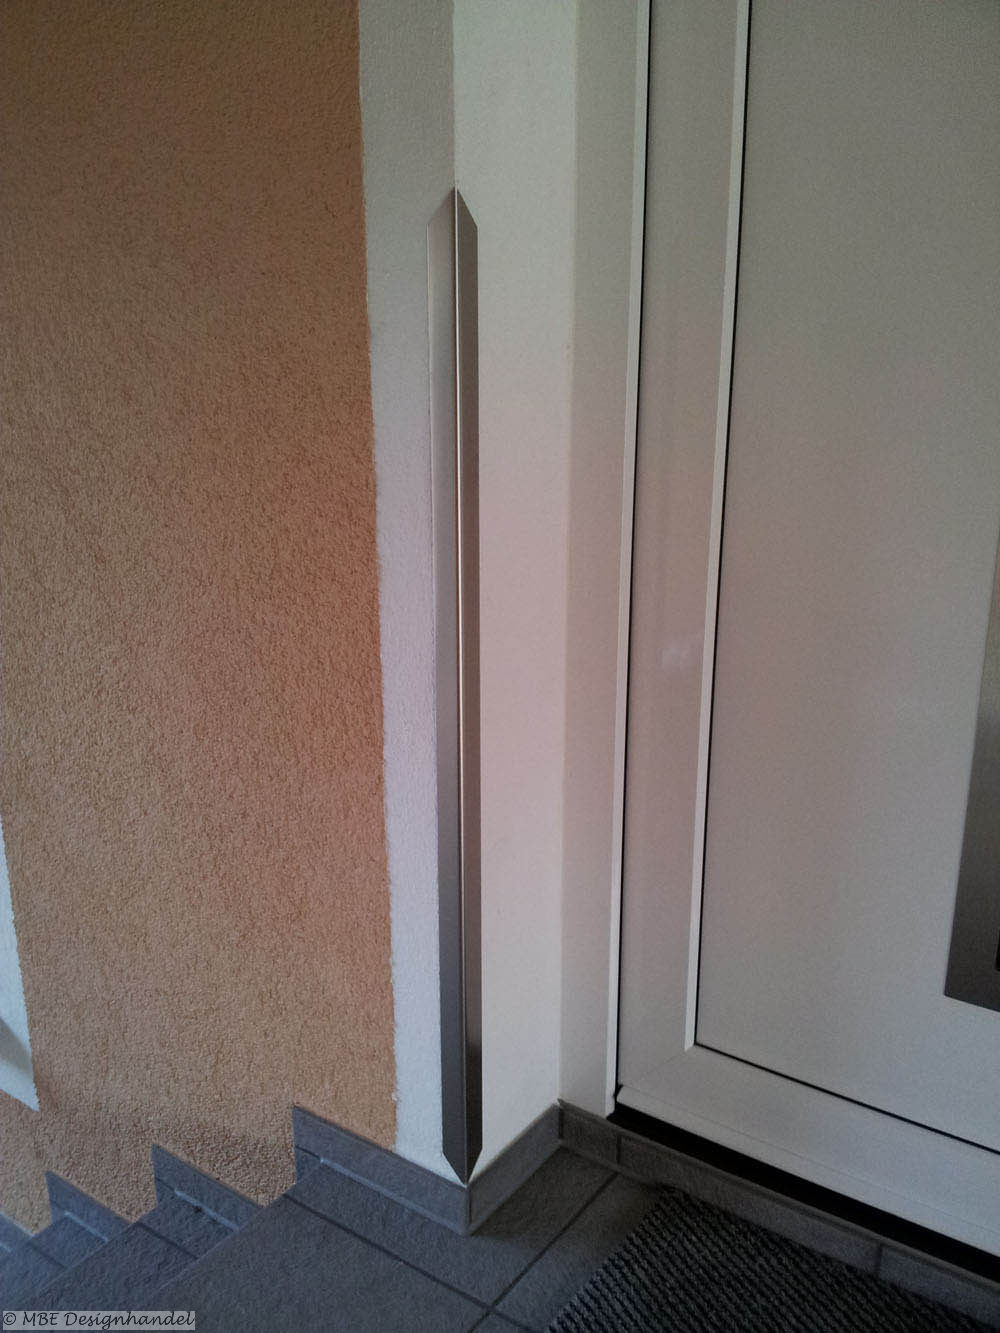 kantenschutz 50x50x1000m aus edelstahl - made in germany